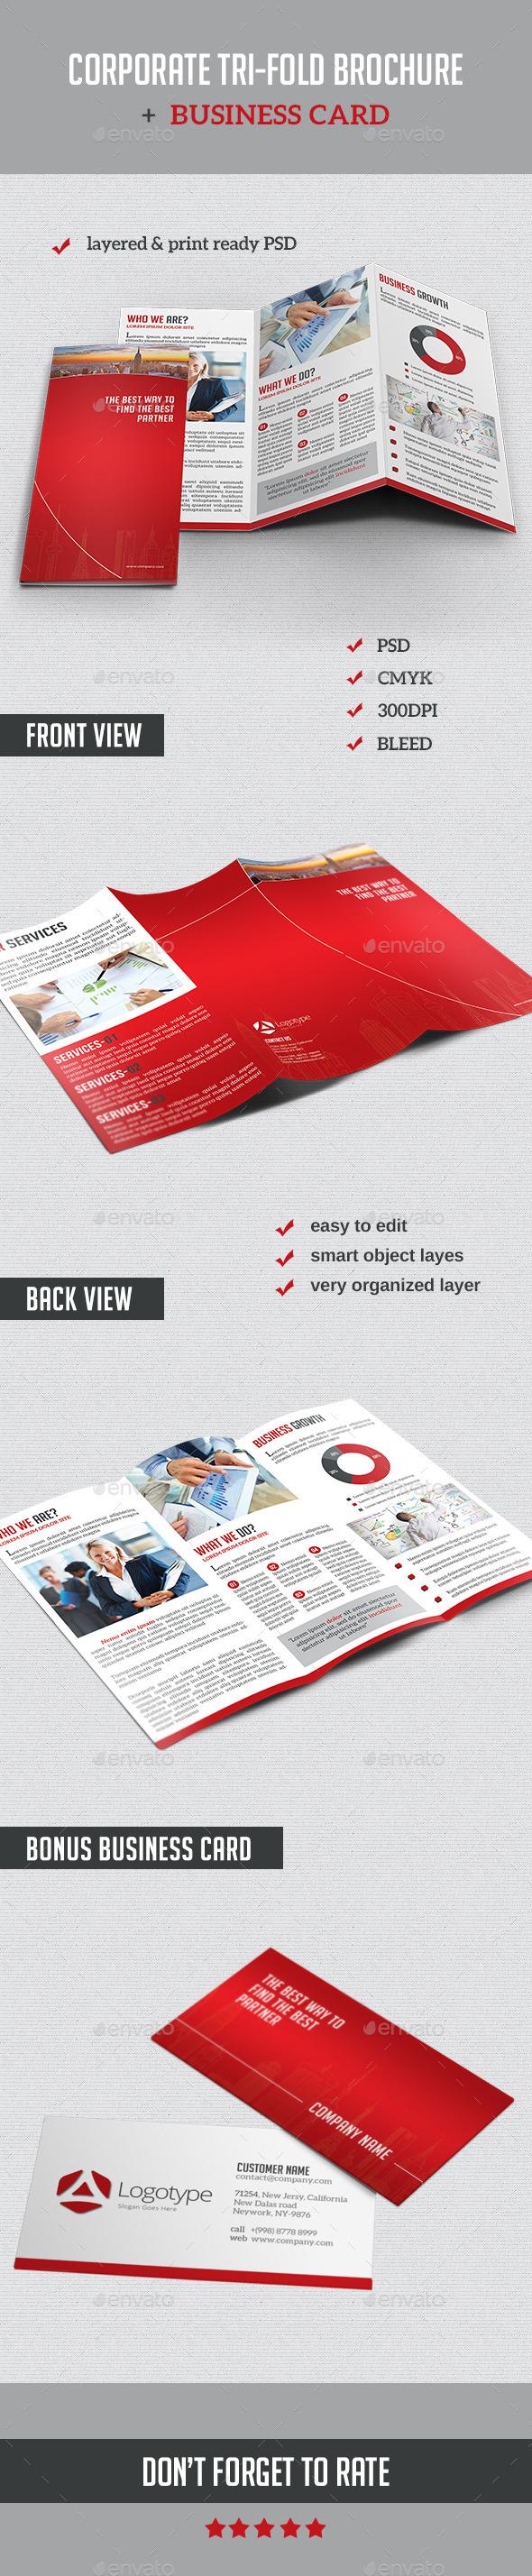 Corporate Tri-Fold Brochure + Business Card - Corporate Brochures